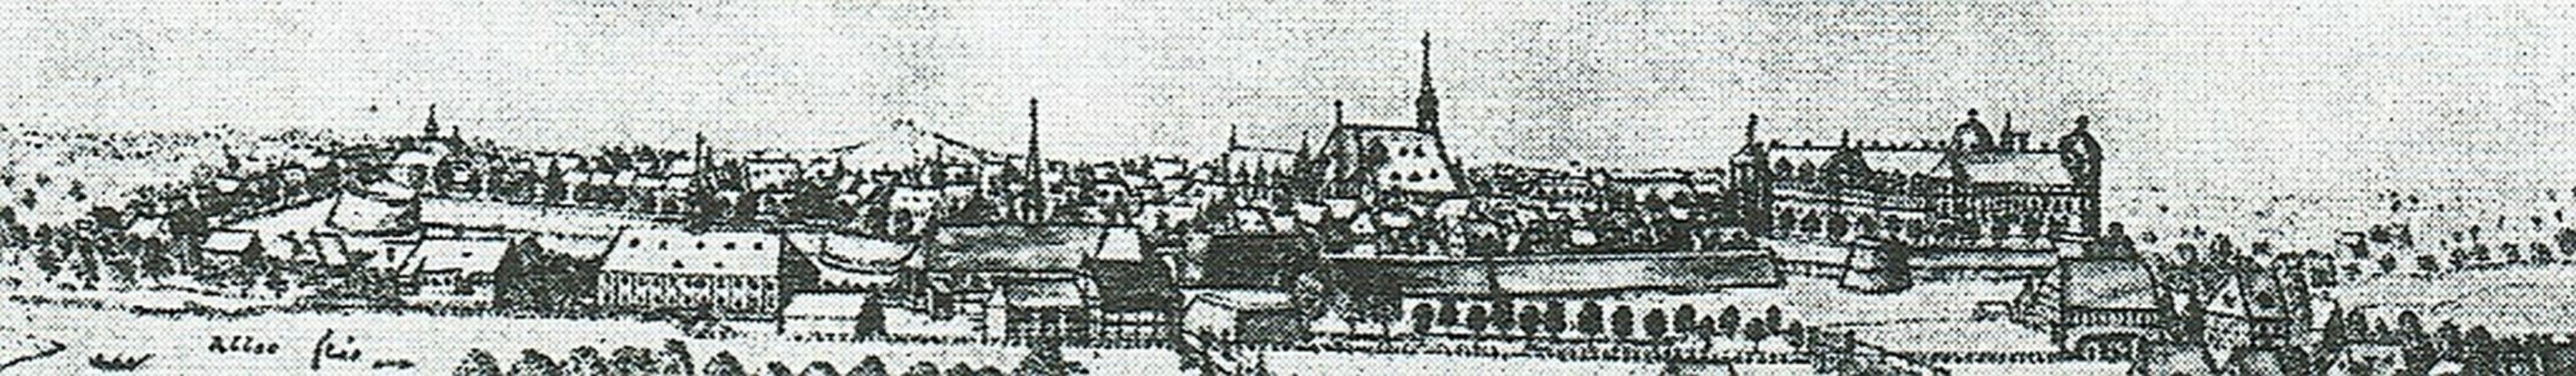 Stadtsilhouette_historisch